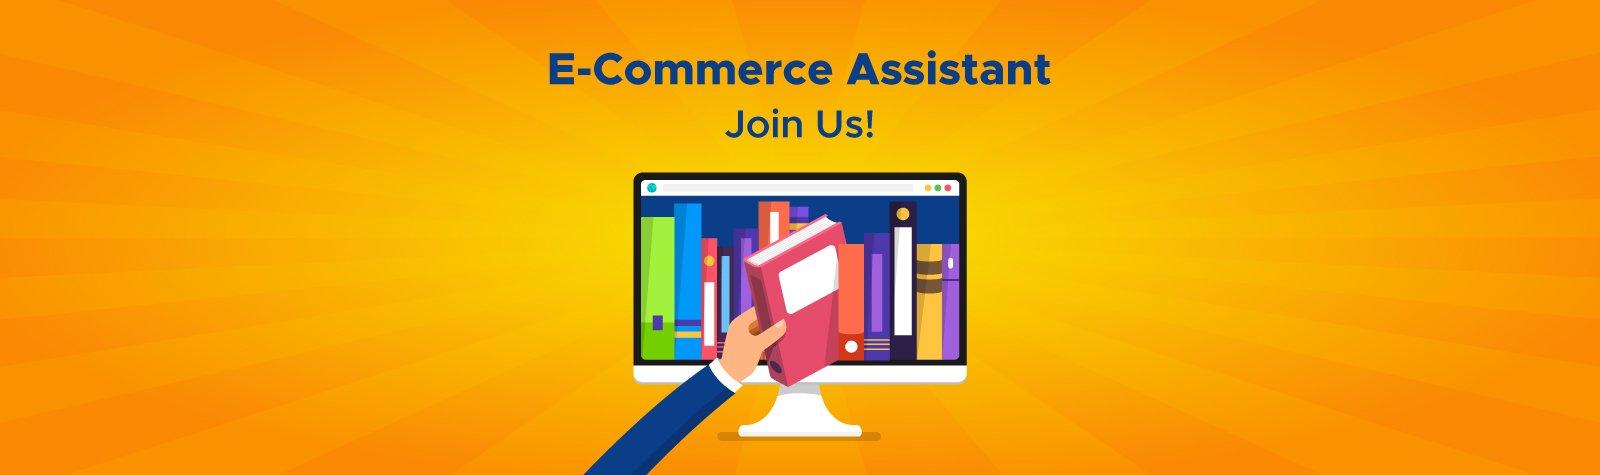 E-Commerce Assistant